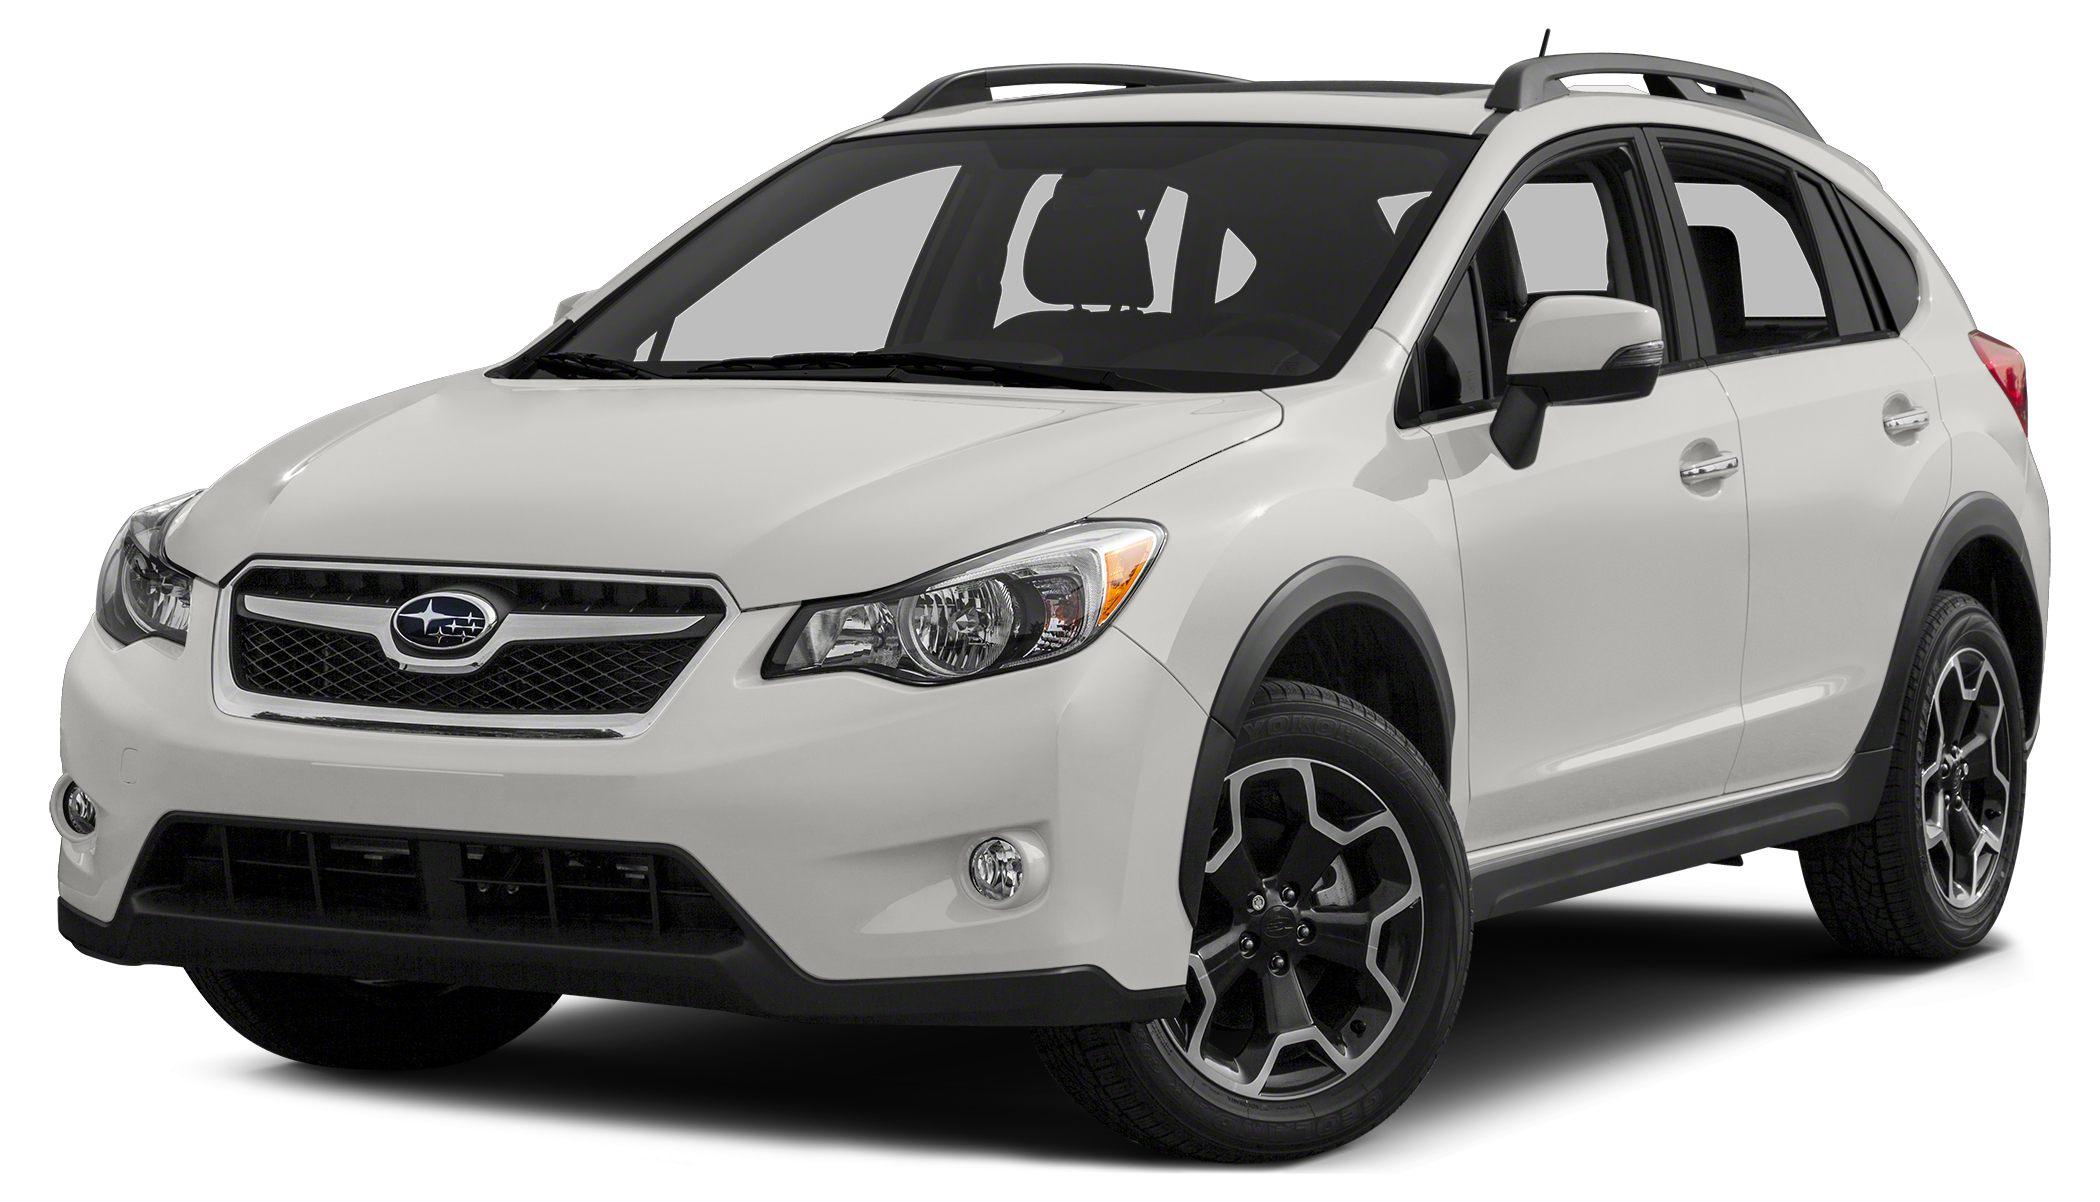 2014 Subaru XV Crosstrek 20i Premium CARFAX 1-Owner ONLY 21805 Miles Premium trim FUEL EFFICI